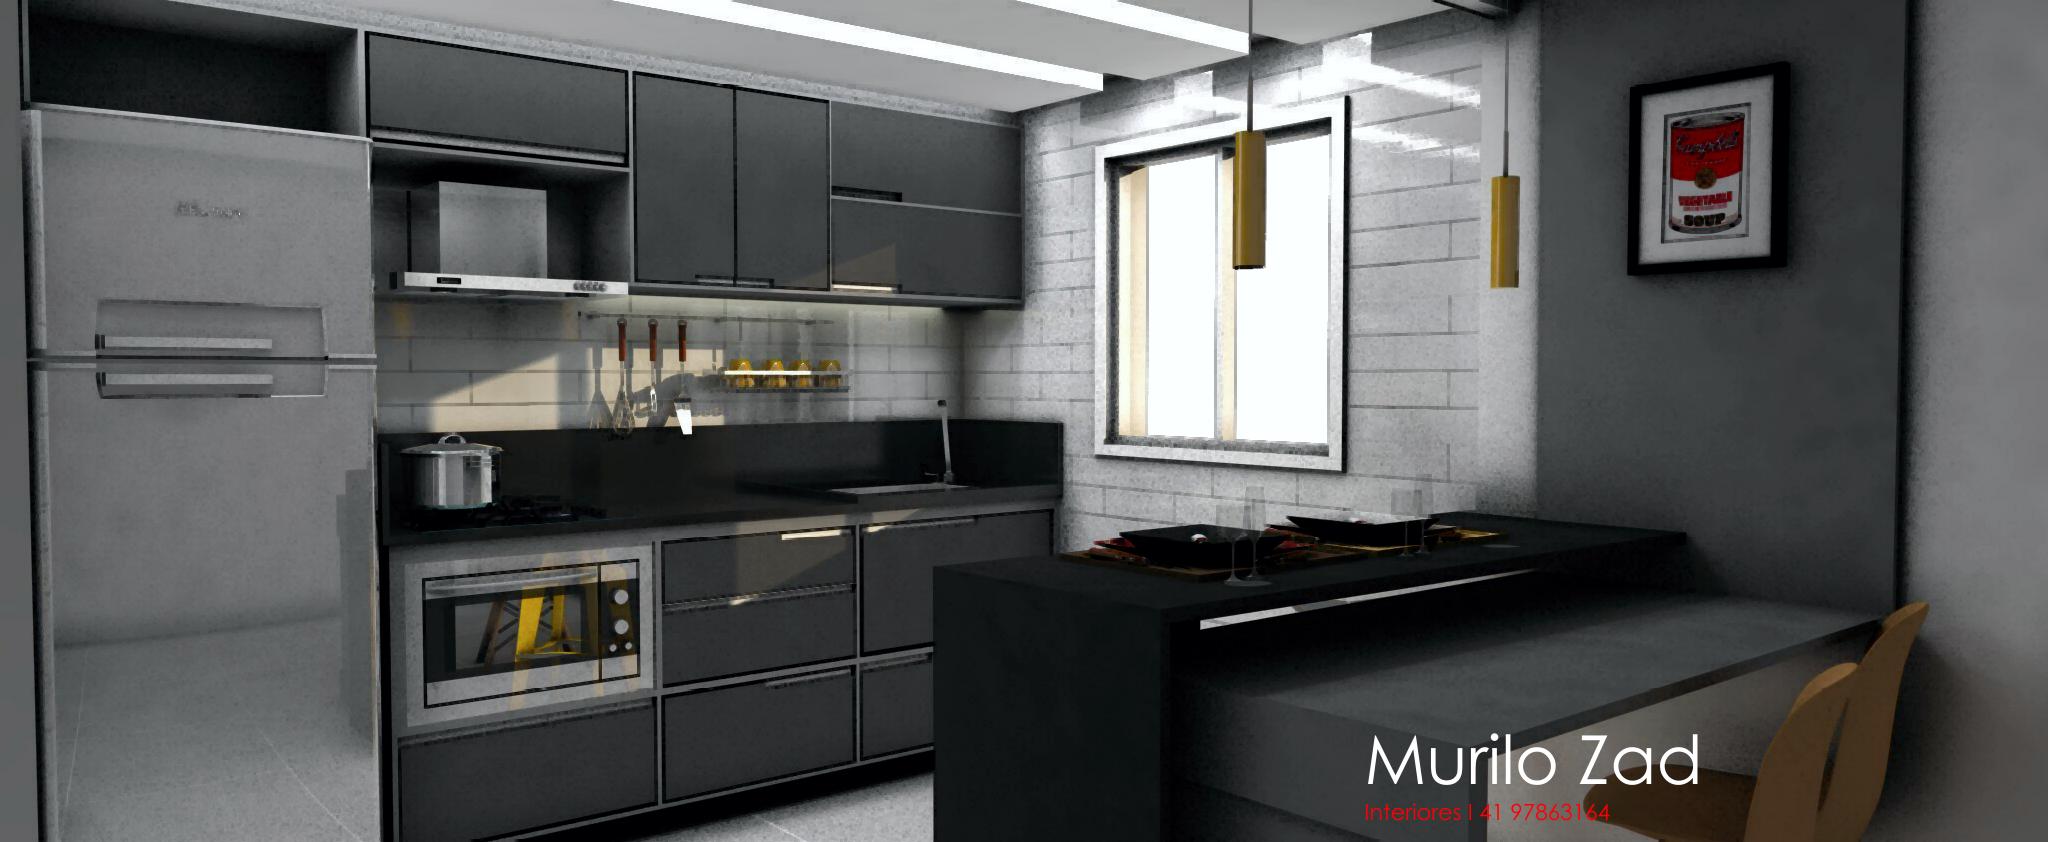 Modelos De Cozinhas Modernas Imagem U Ja Aqui Uma Cozinha Moderna E